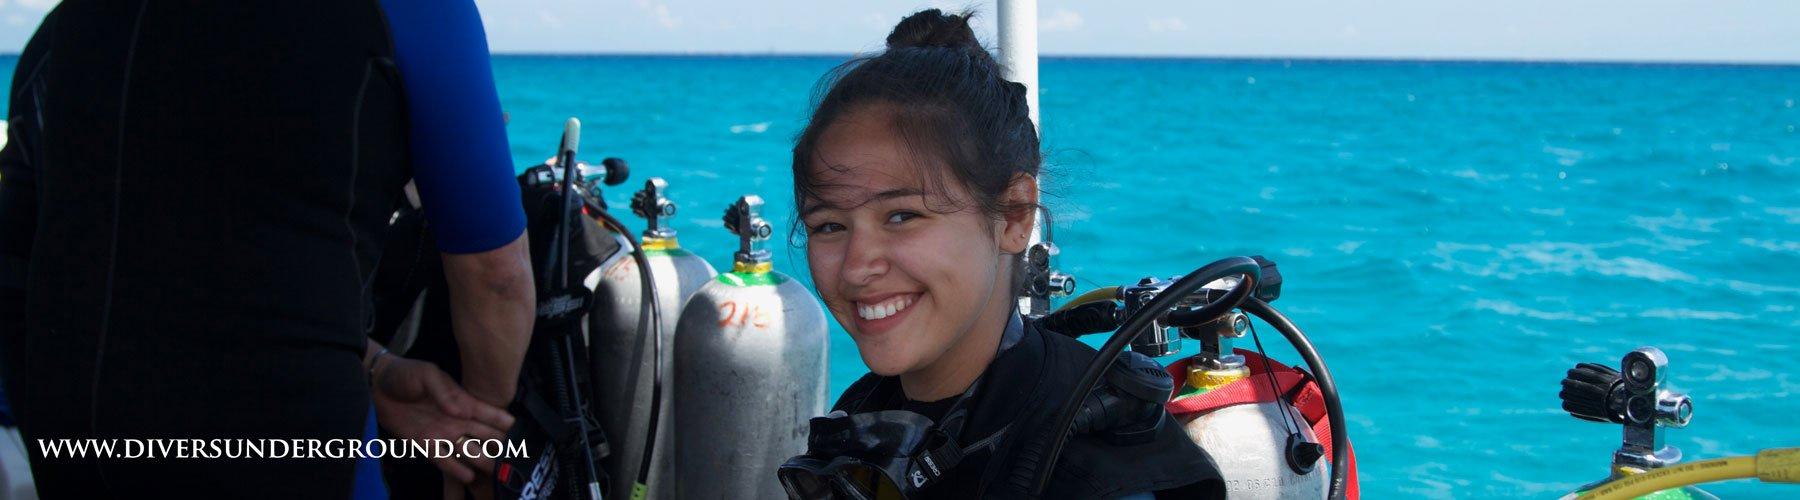 Scuba Diving in Playa Del Carmen